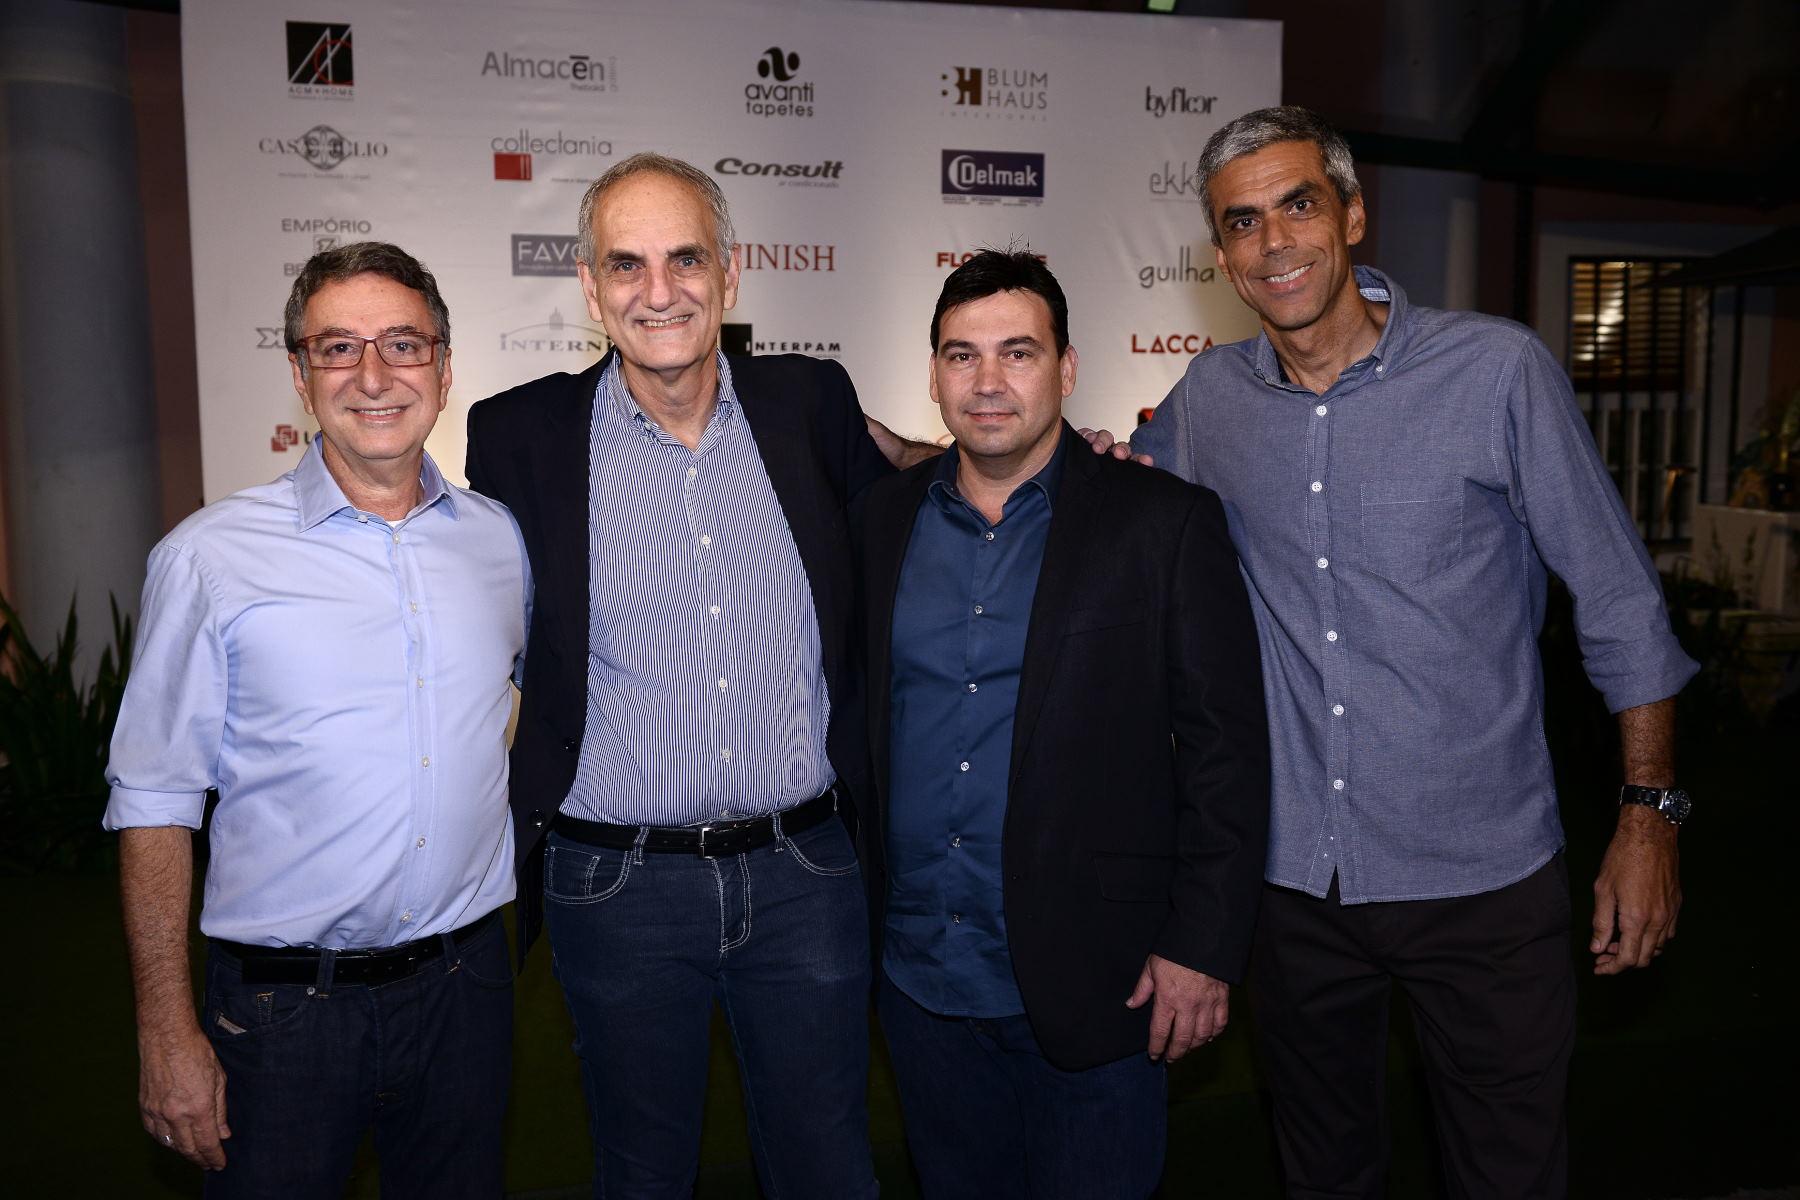 Núcleo Carioca de Decoração realiza premiação anual